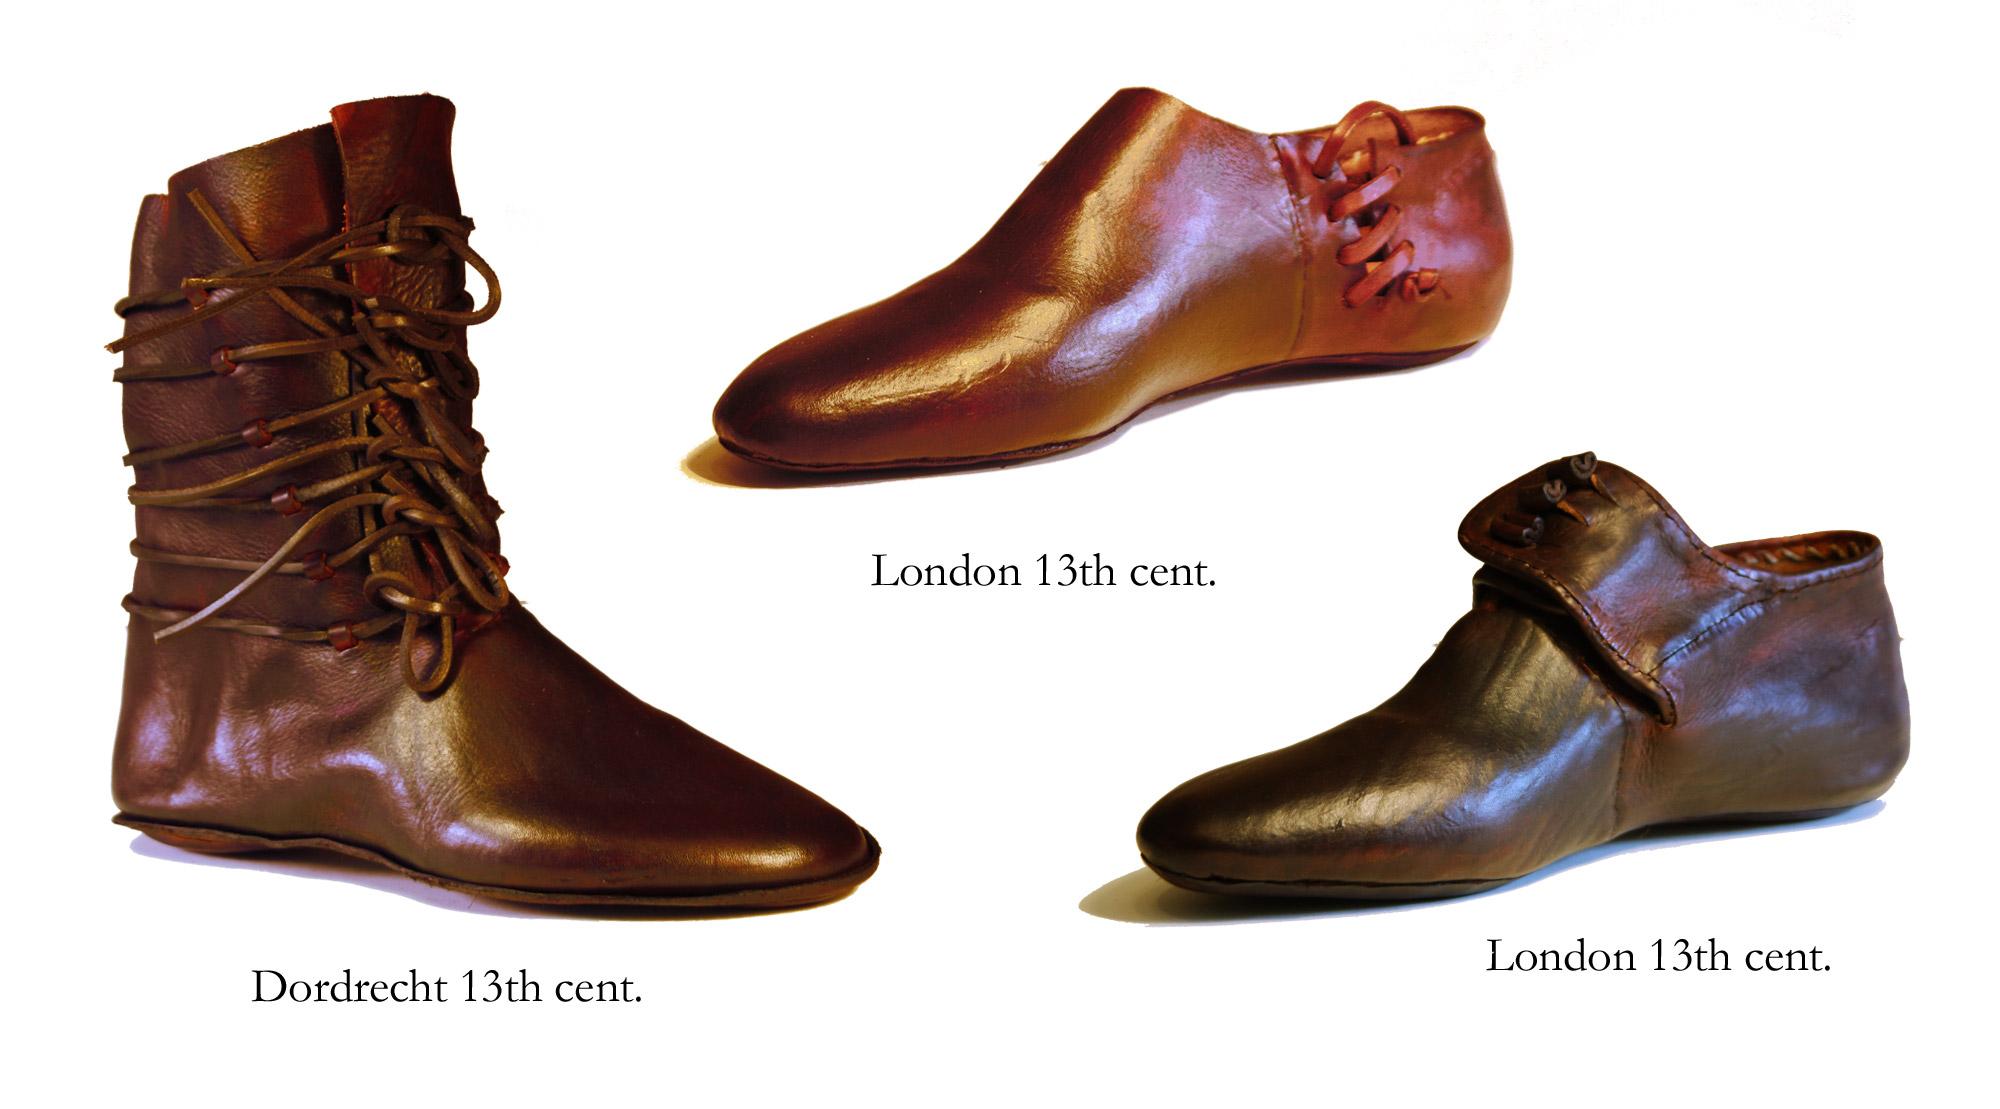 Shoes 13th cent. (set 2